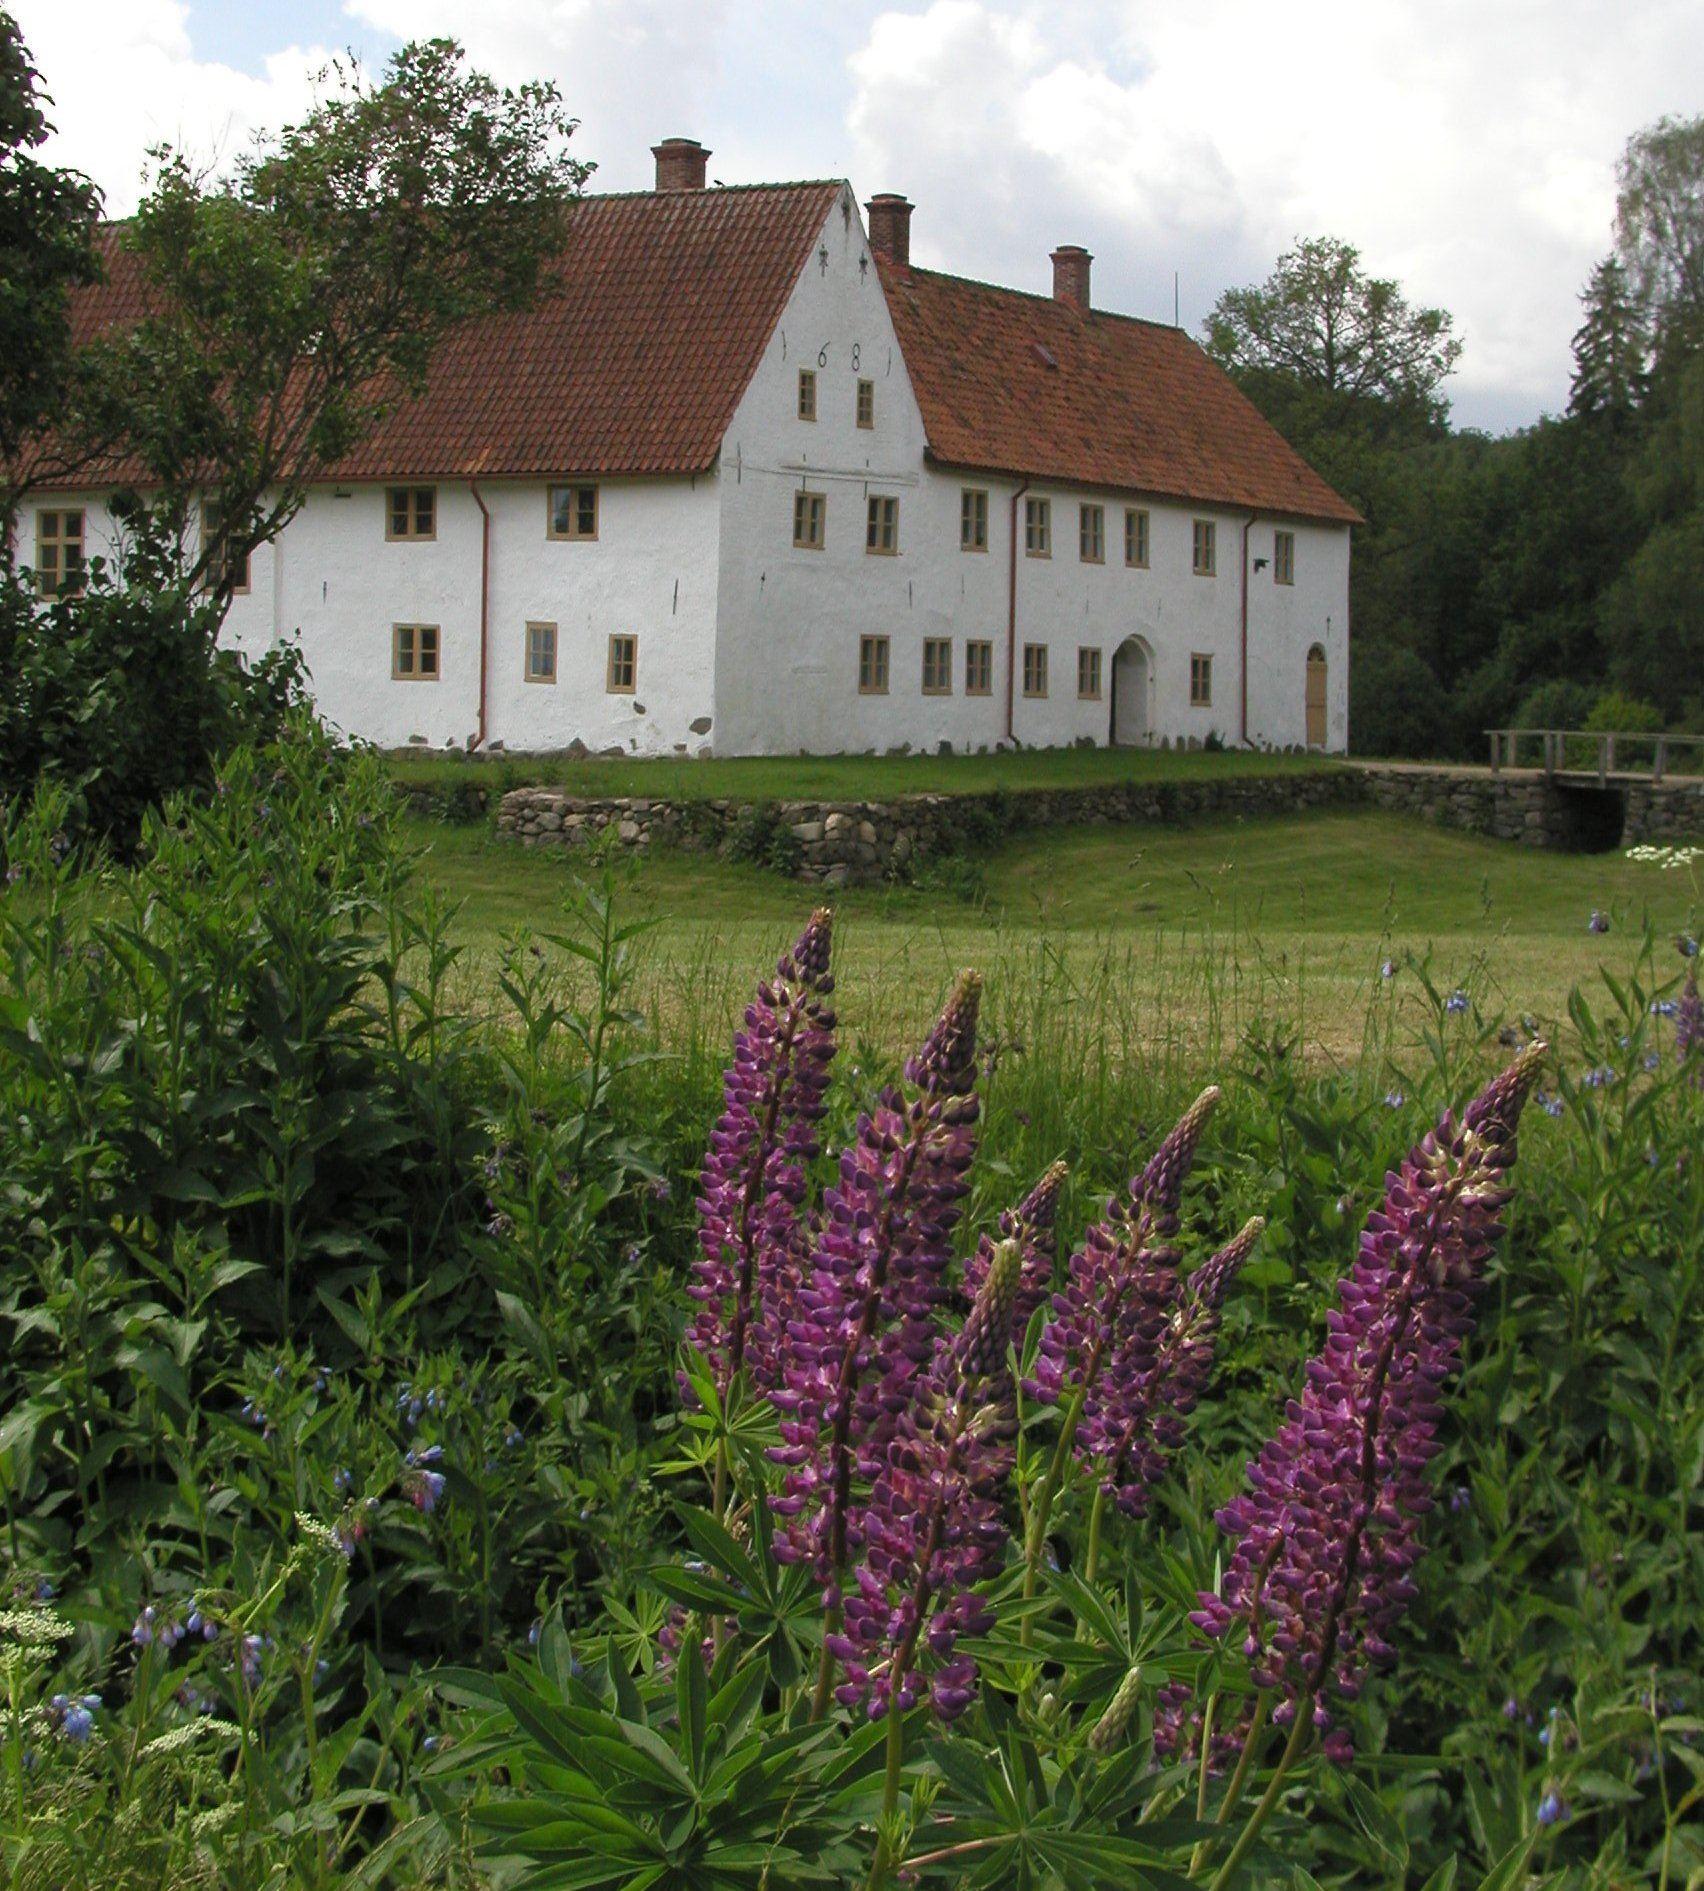 © Hovdala slott, Lek på Hovdala